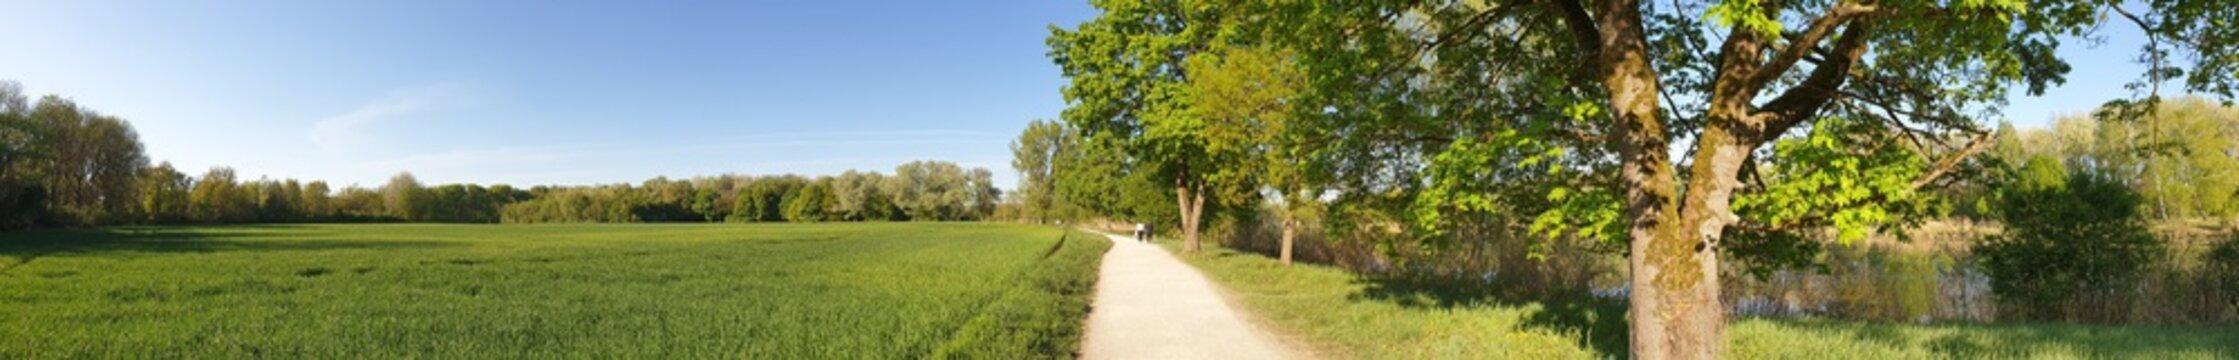 Naherholungsgebiet Mitterschütt Ingolstadt - Wandern und Radfahren